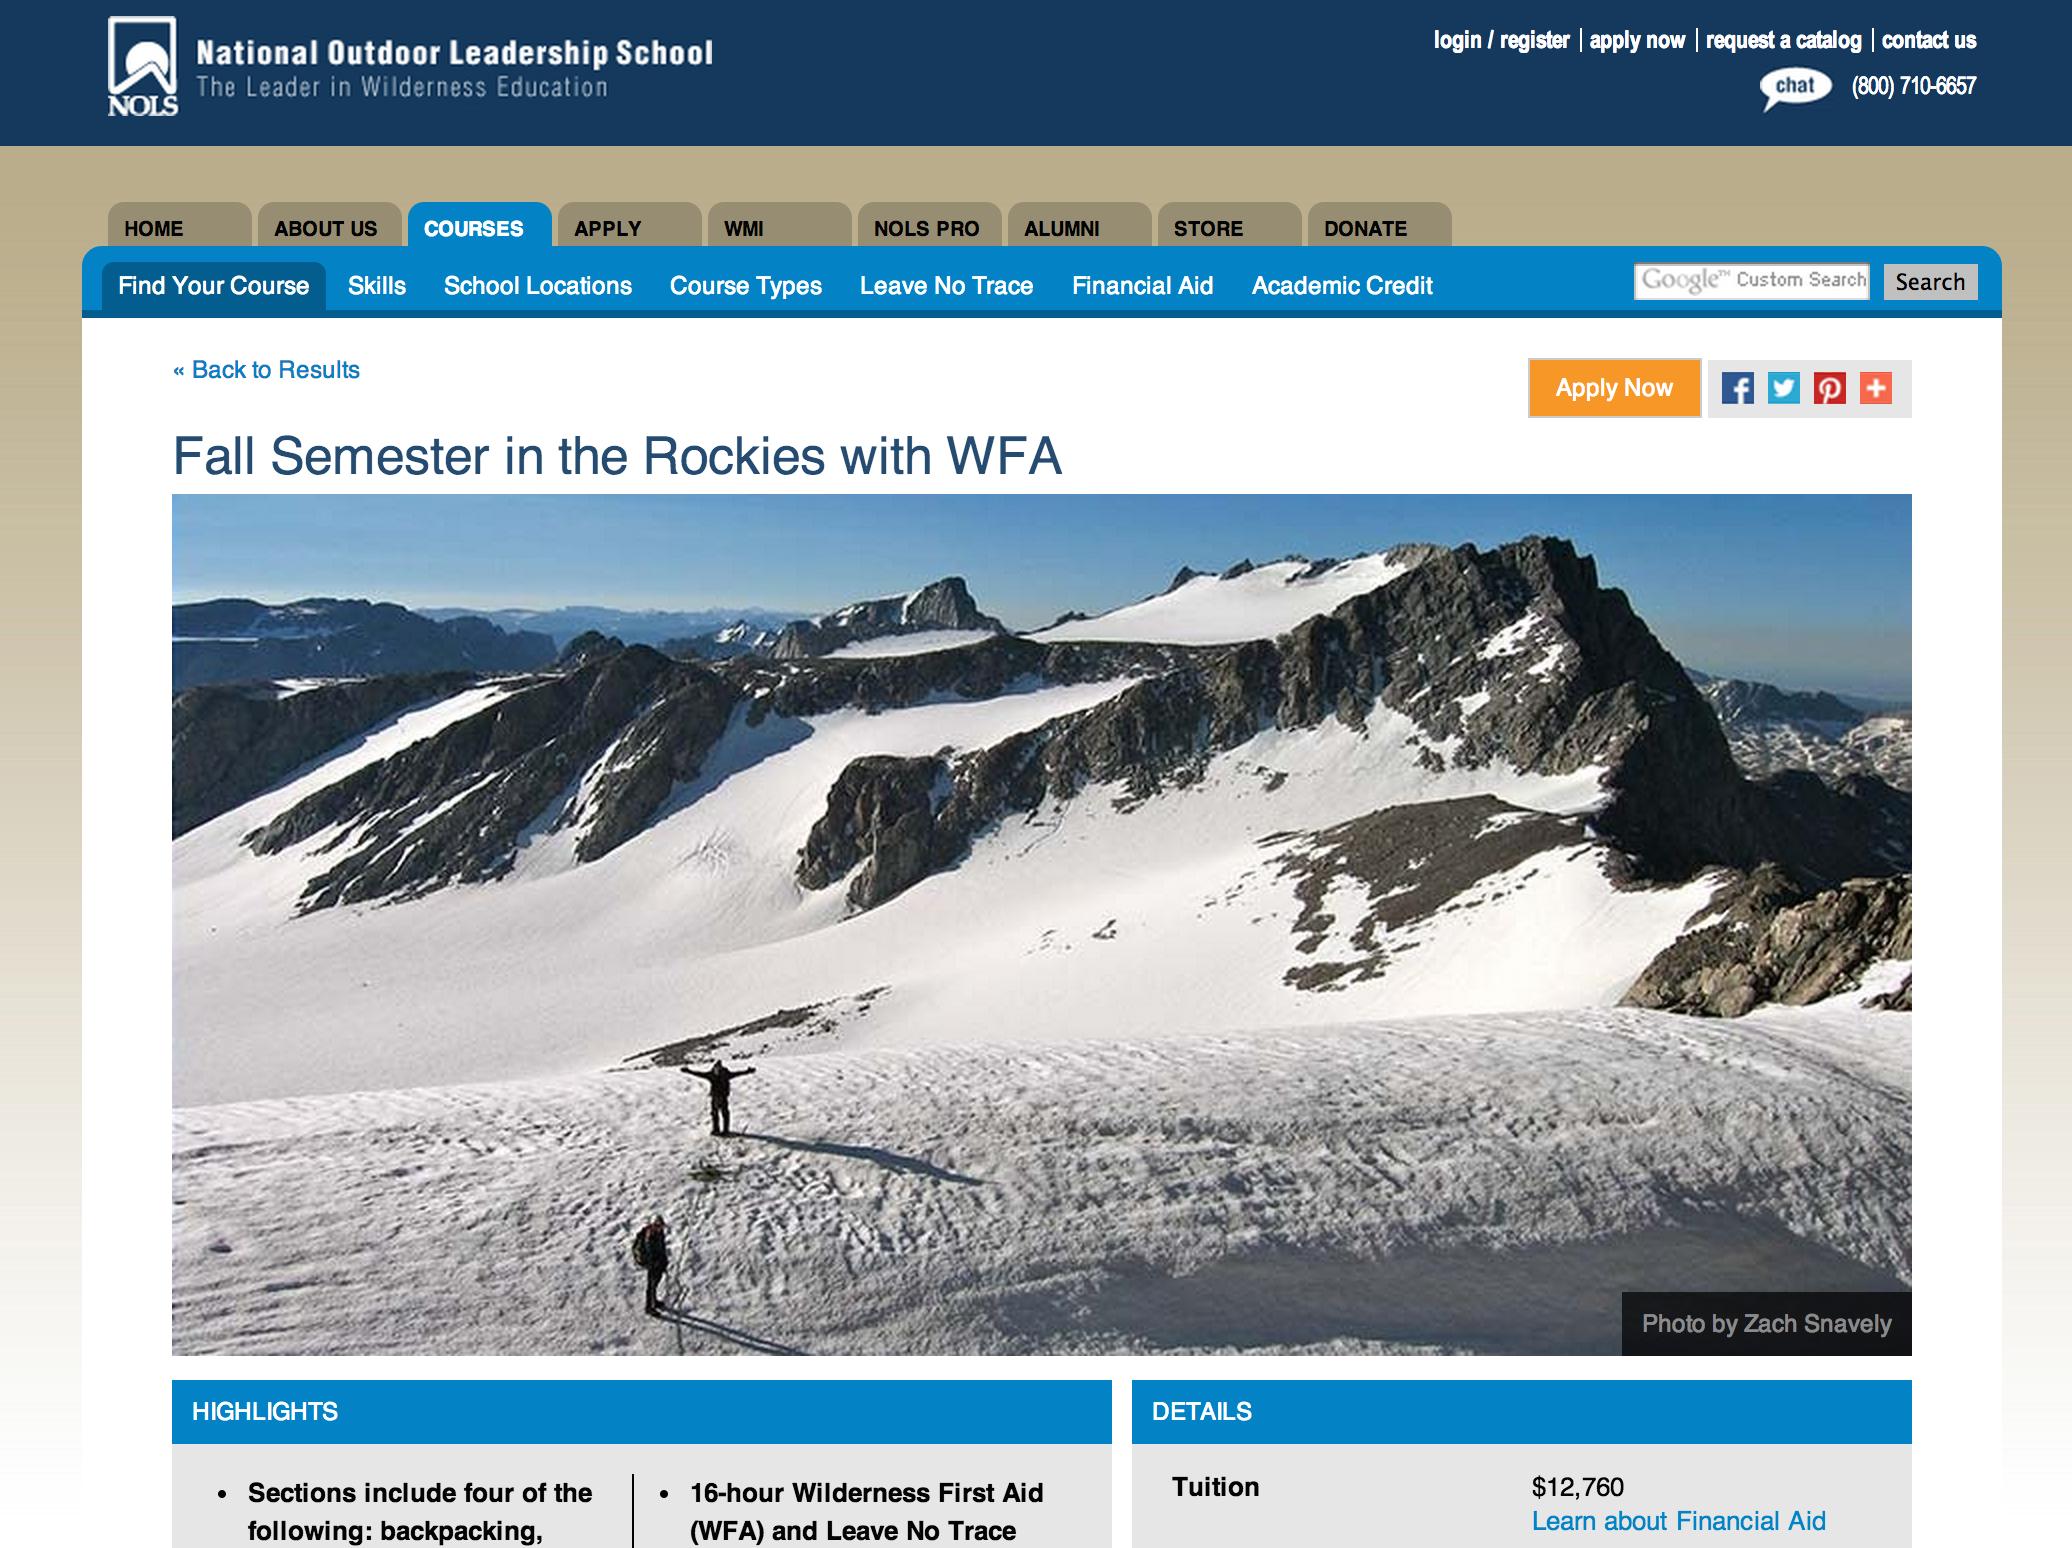 NOLS Website, Fall 2013